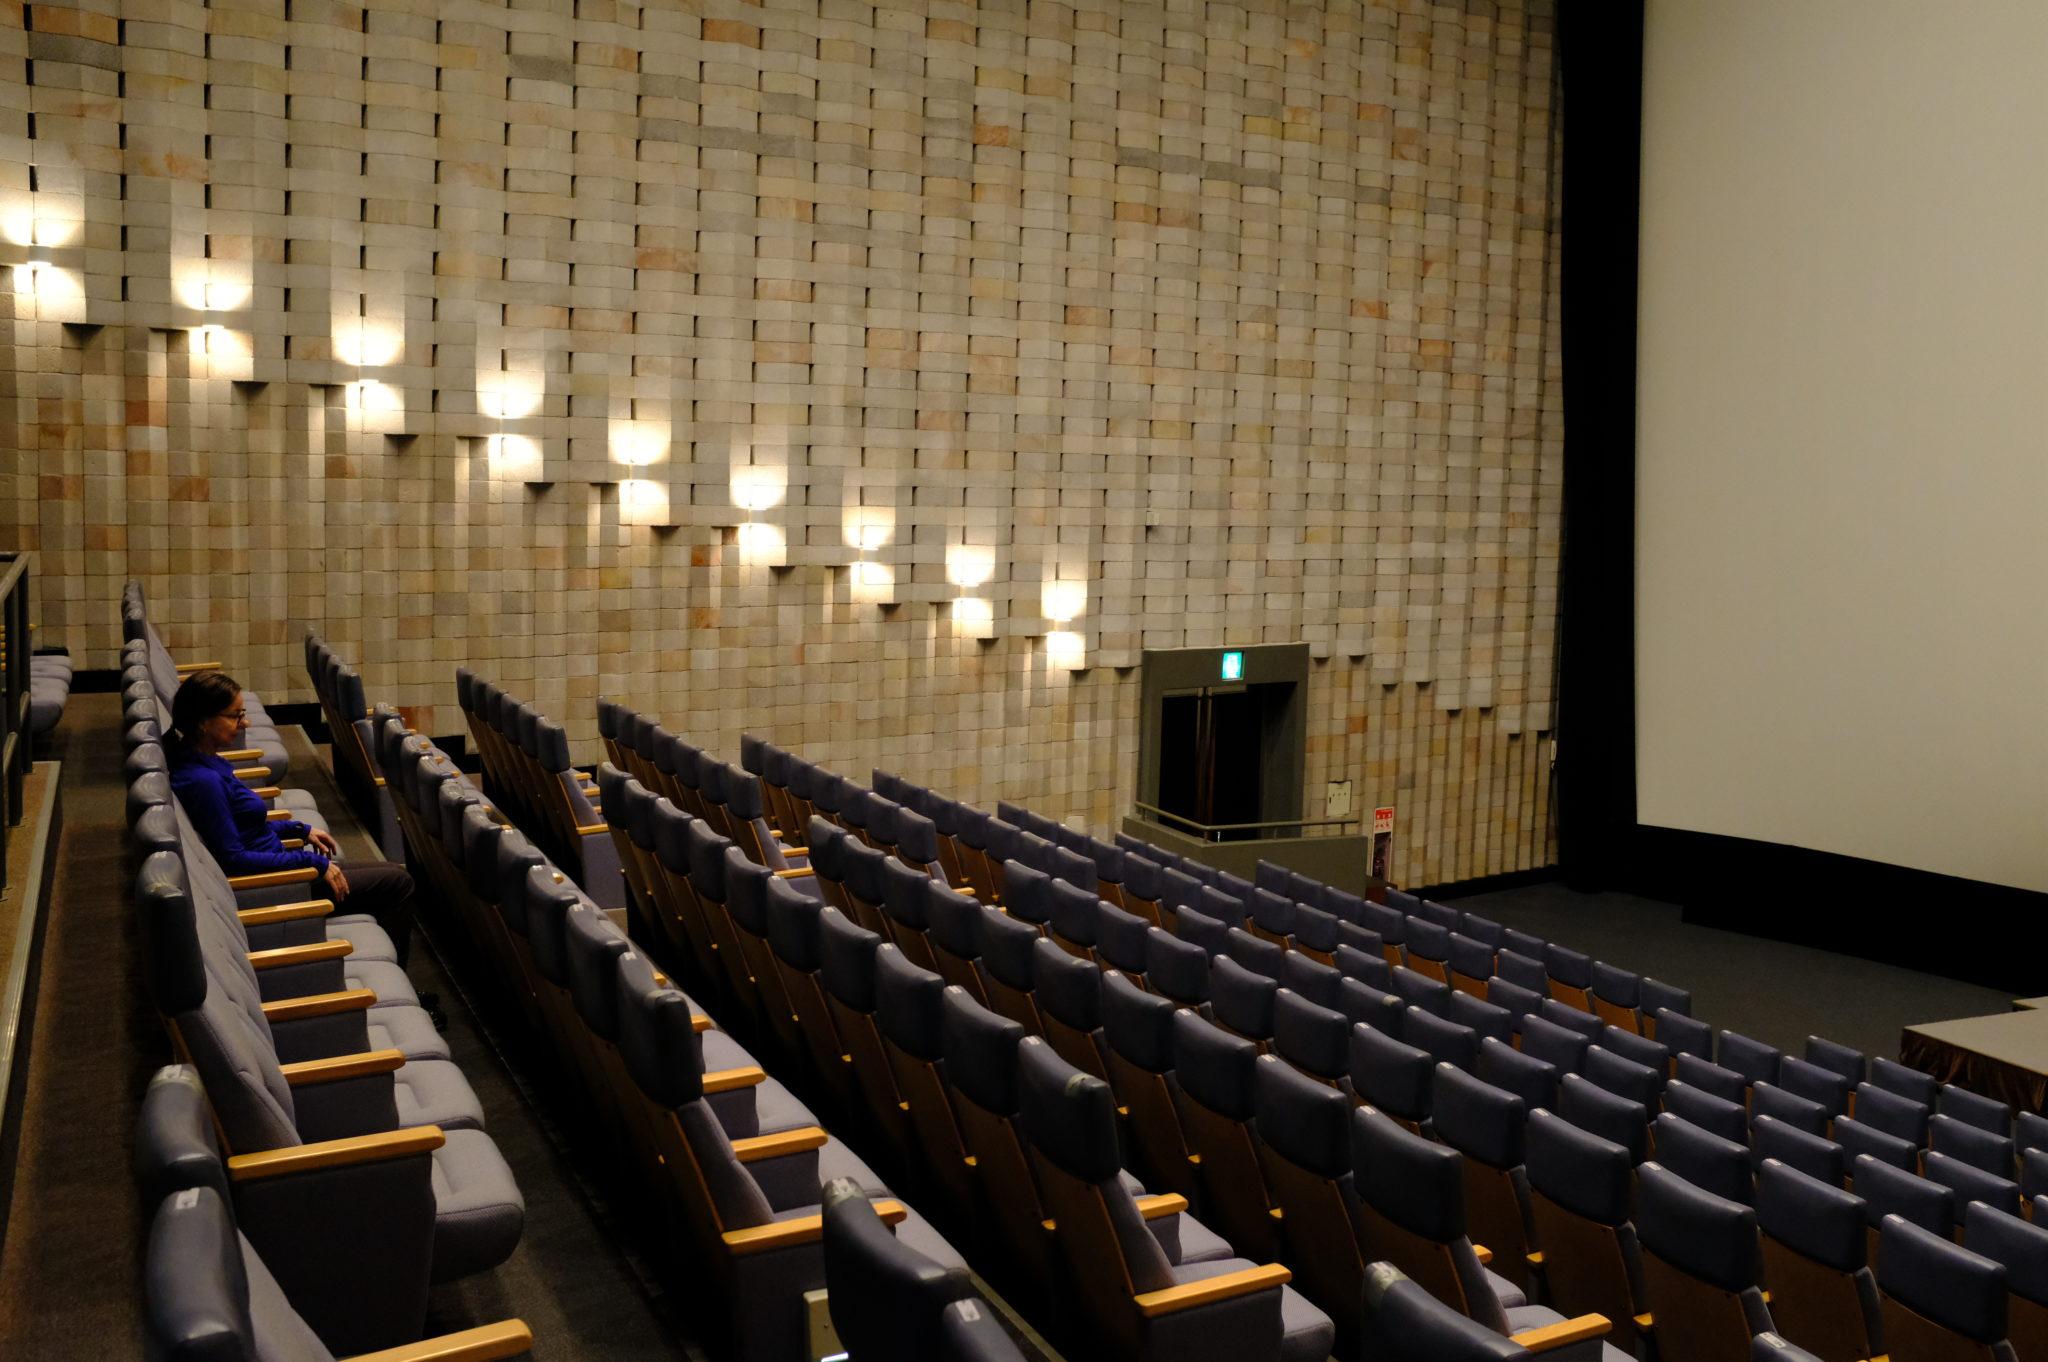 Im KinoWegen Dauerregen im Kino